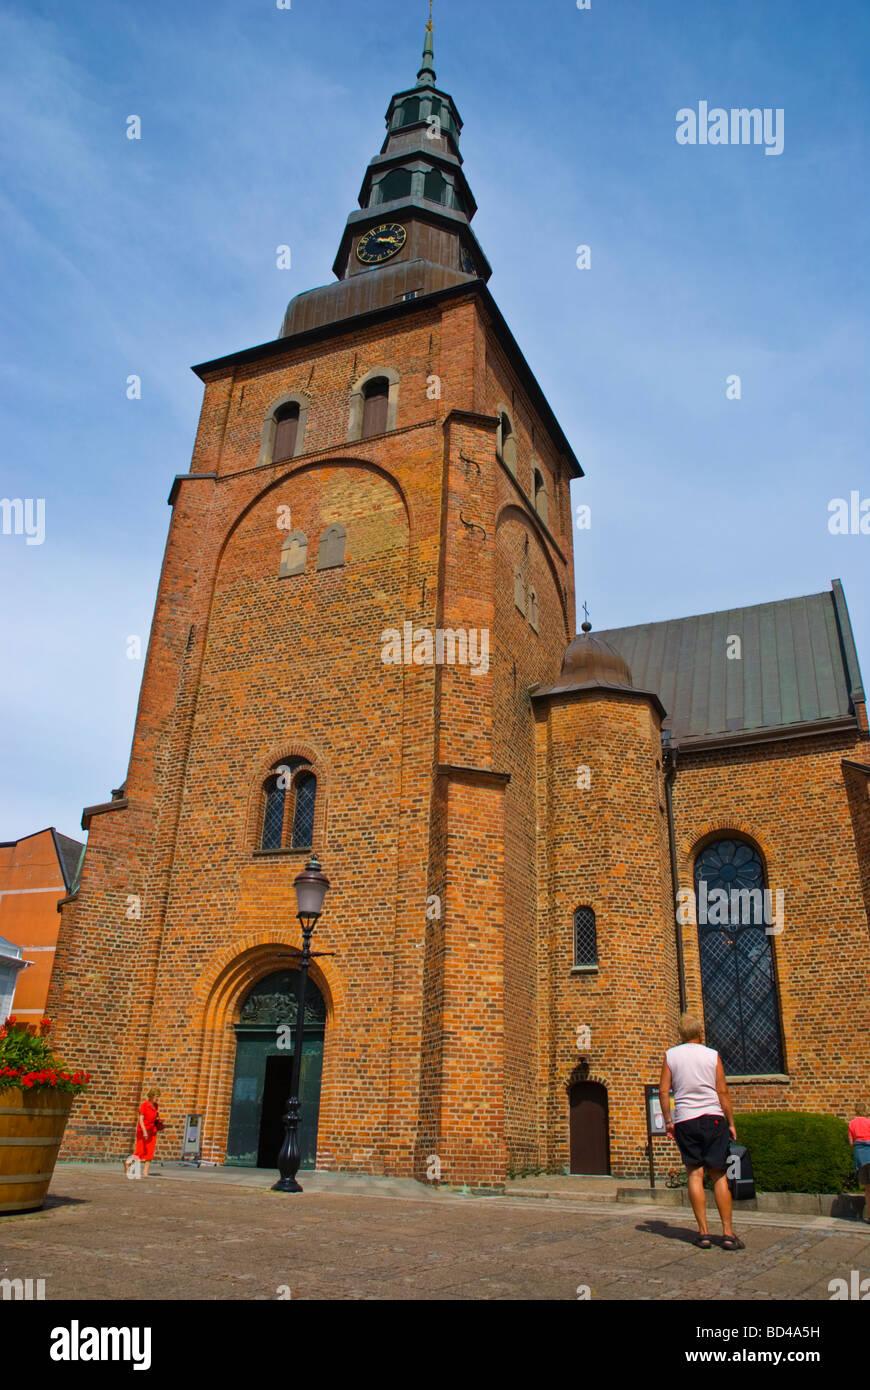 Sankt Maria kyrka in central Ystad Skåne Sweden Europe - Stock Image